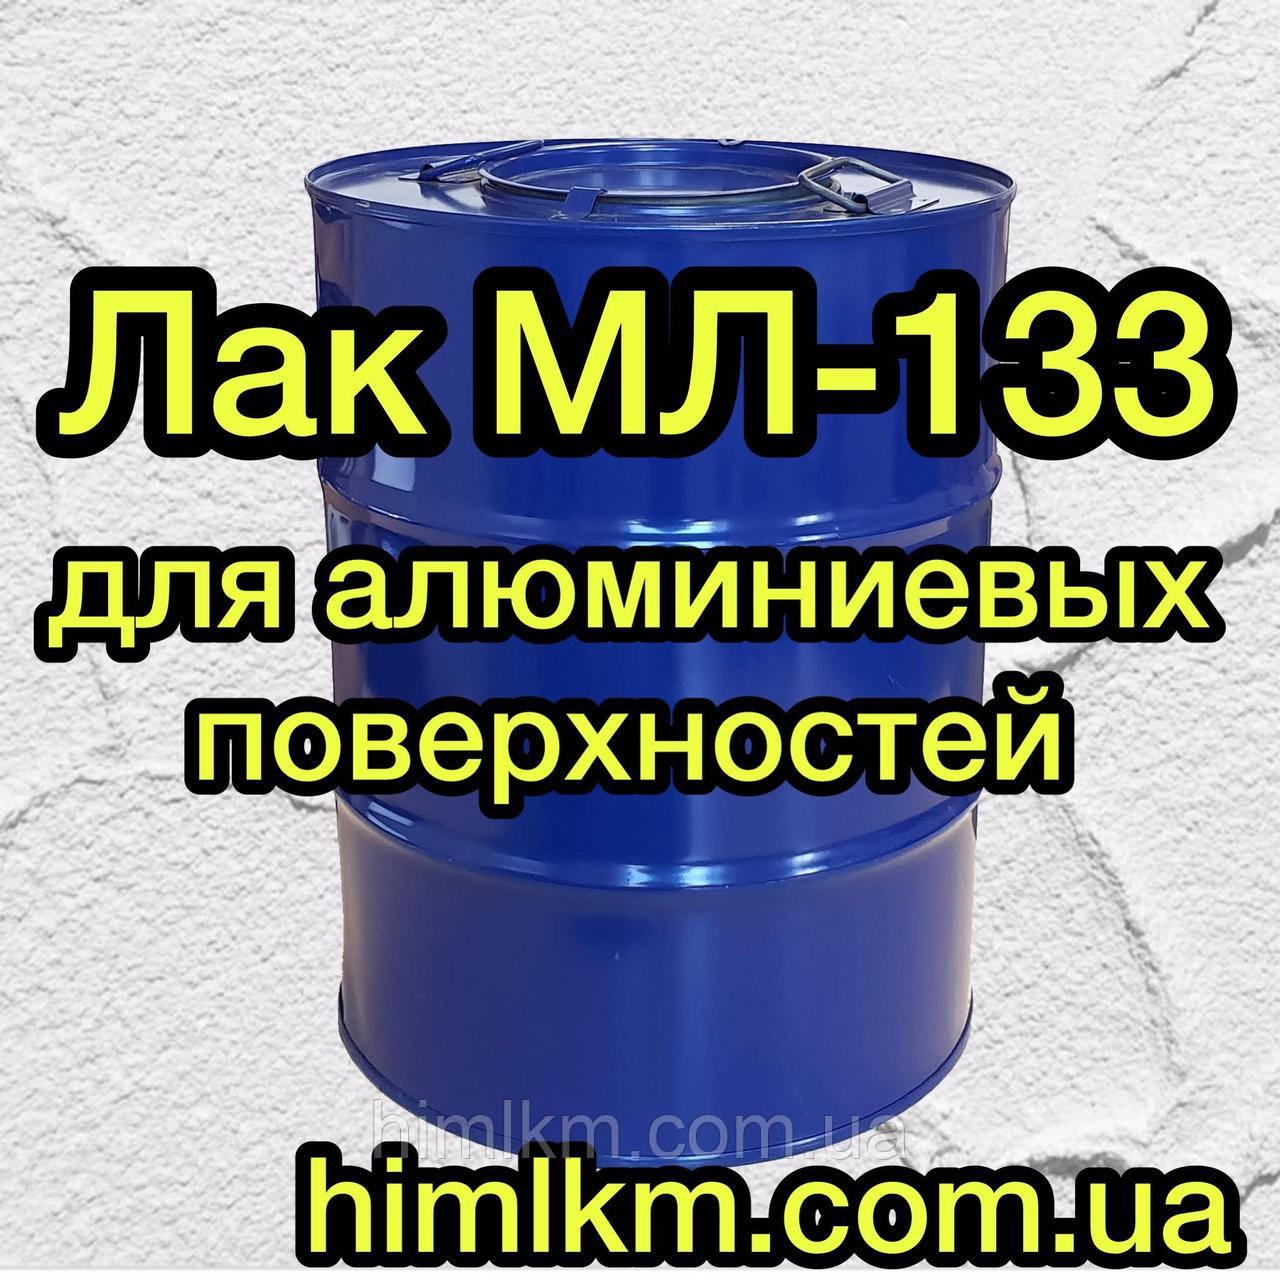 Лак МЛ-133 для защитно-декоративного покрытия алюминиевых поверхностей, 45кг